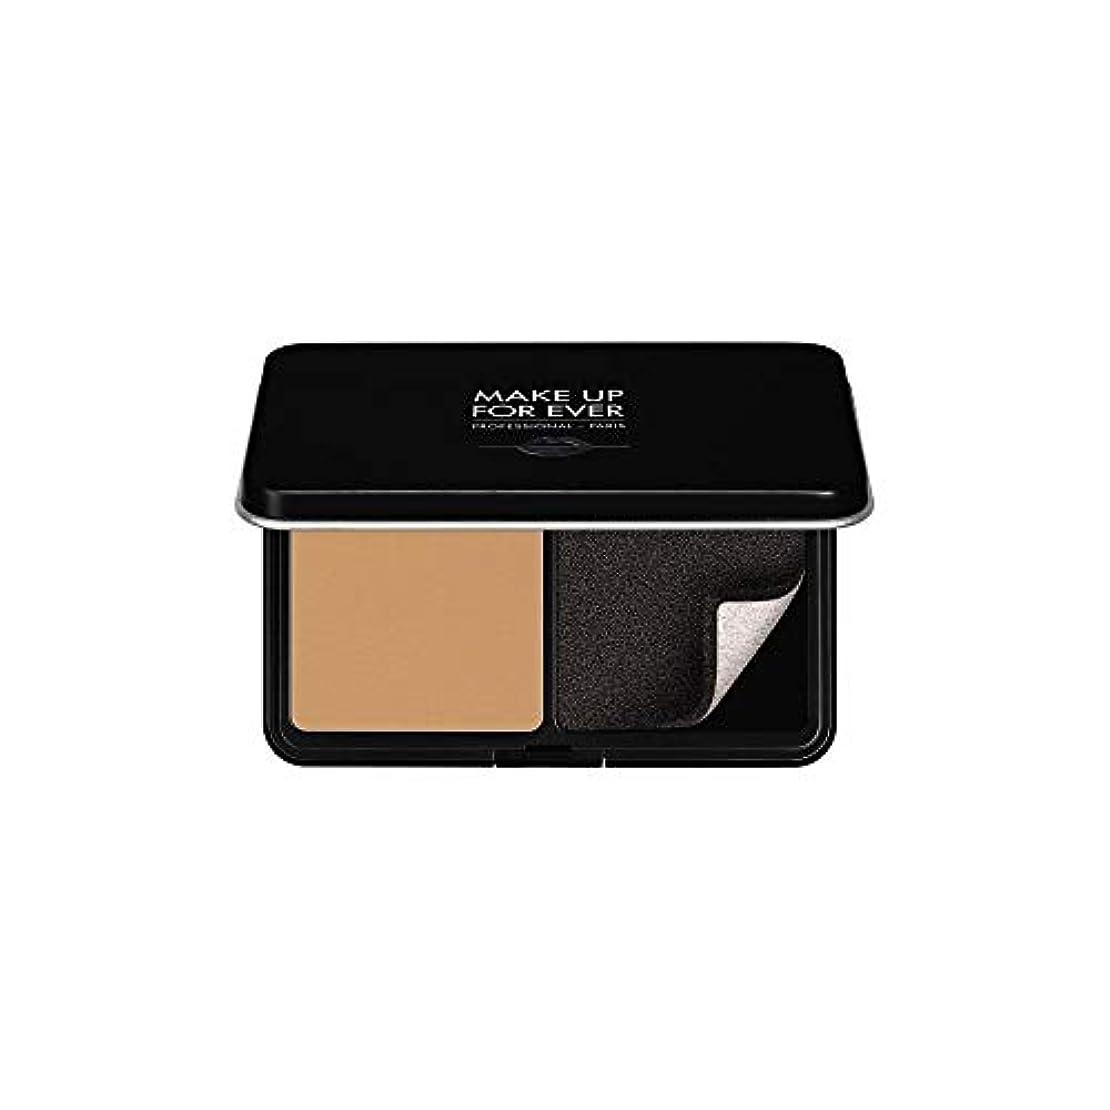 サラダ睡眠壮大メイクアップフォーエバー Matte Velvet Skin Blurring Powder Foundation - # Y365 (Desert) 11g/0.38oz並行輸入品